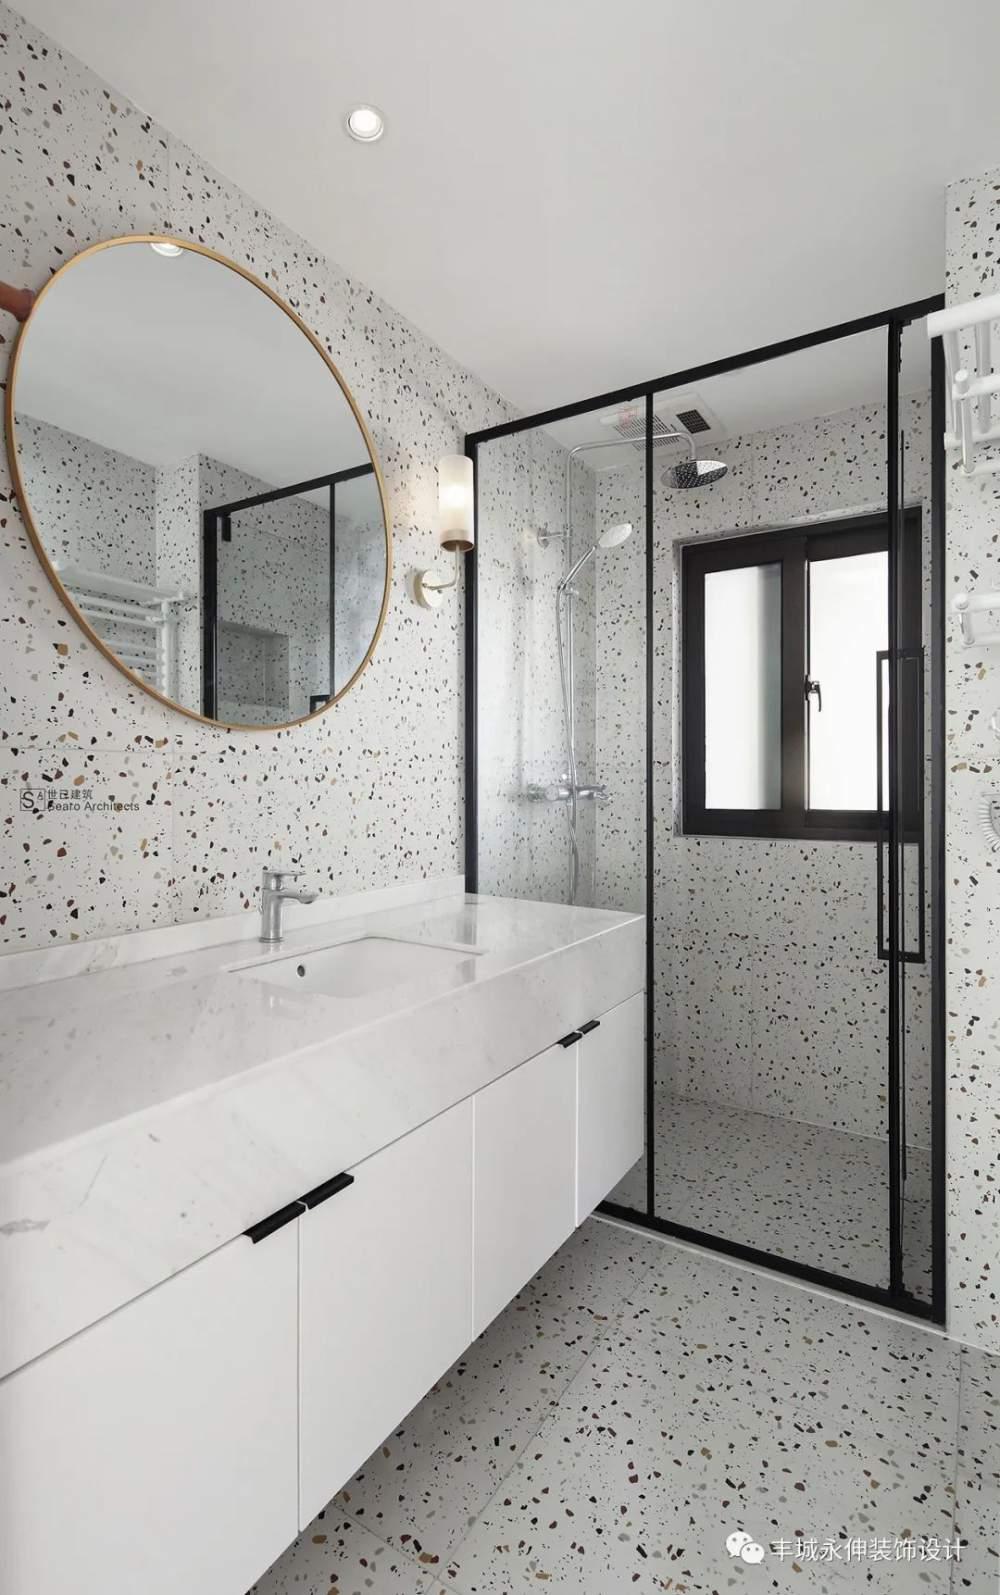 永伸装饰 | 100㎡白色极简住宅改造